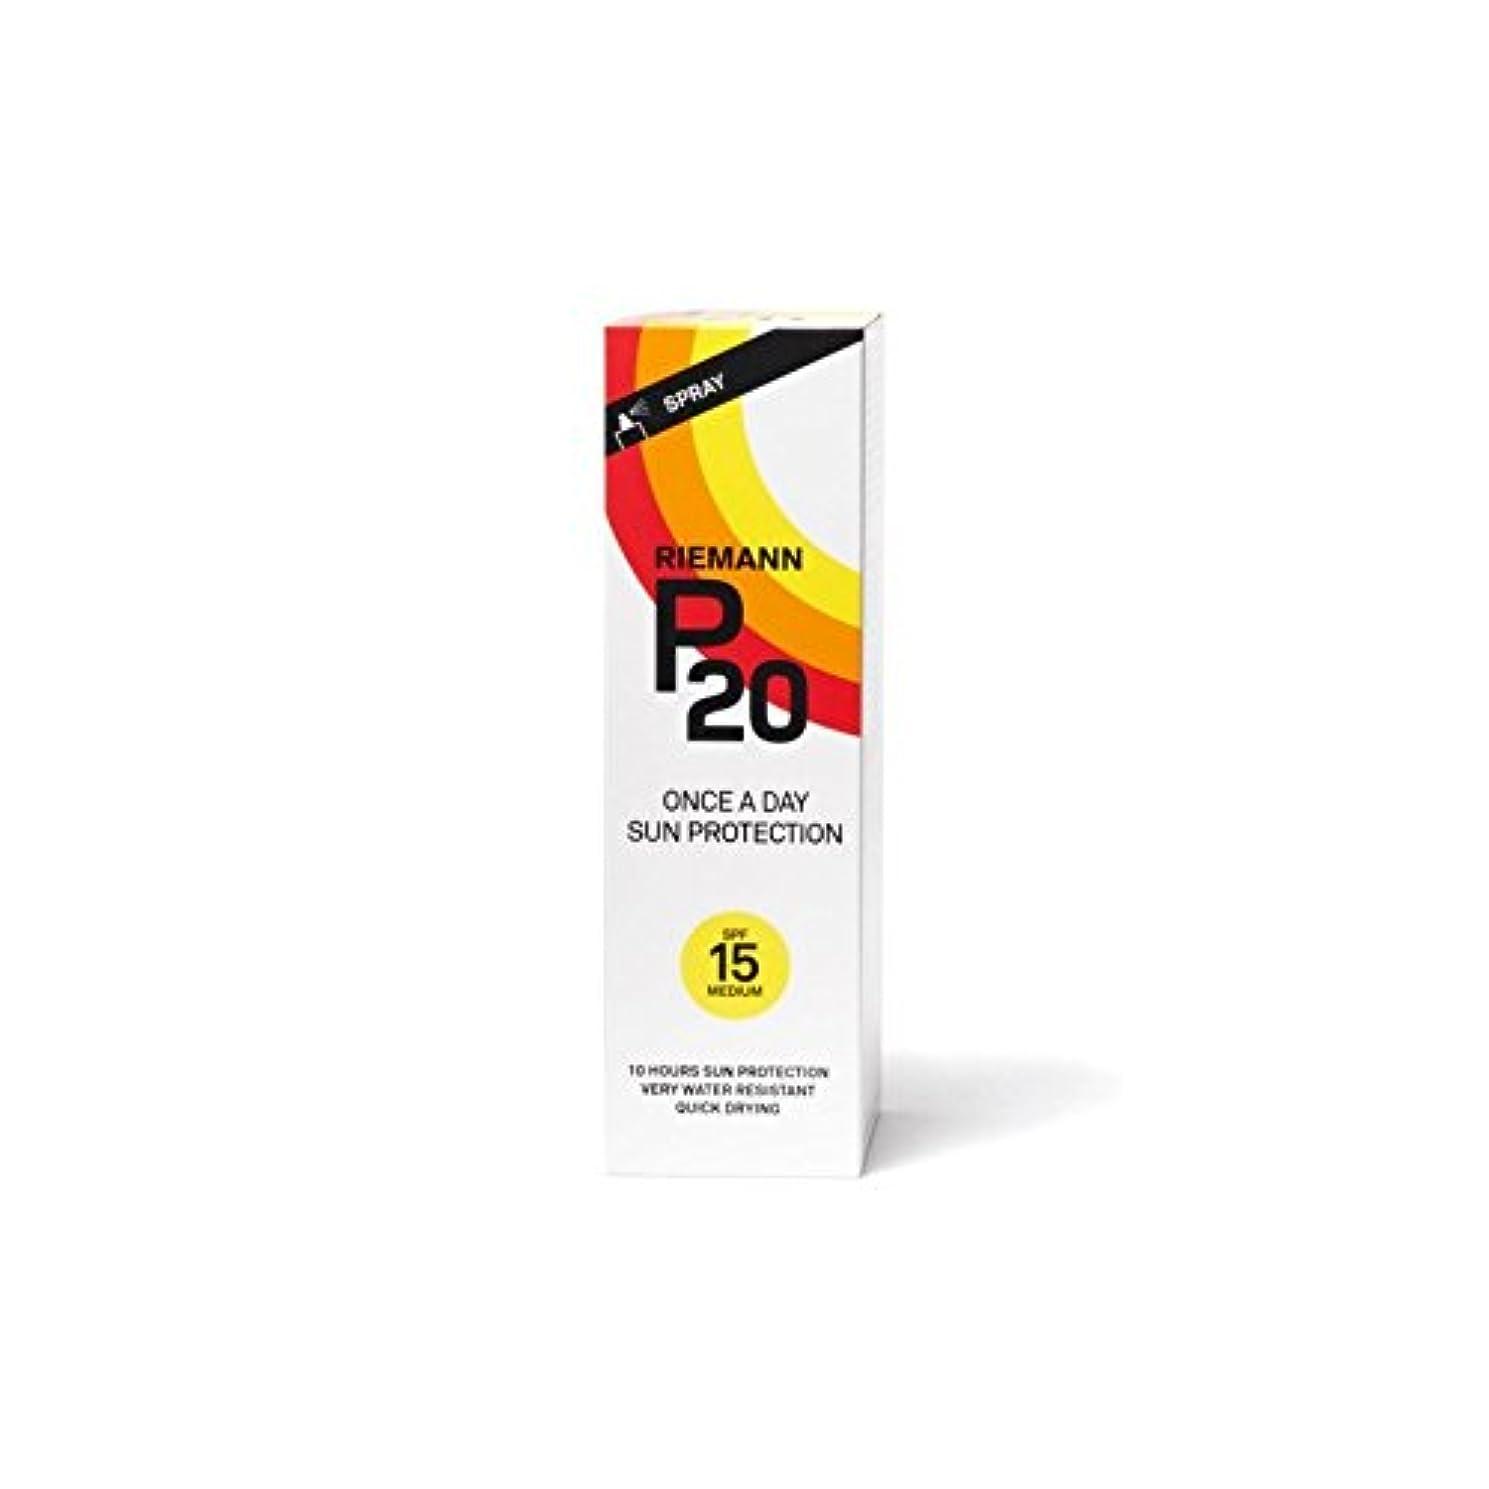 手配する真空熱帯のリーマン20のサンフィルター100ミリリットル15 x2 - Riemann P20 Sun Filter 100ml SPF15 (Pack of 2) [並行輸入品]